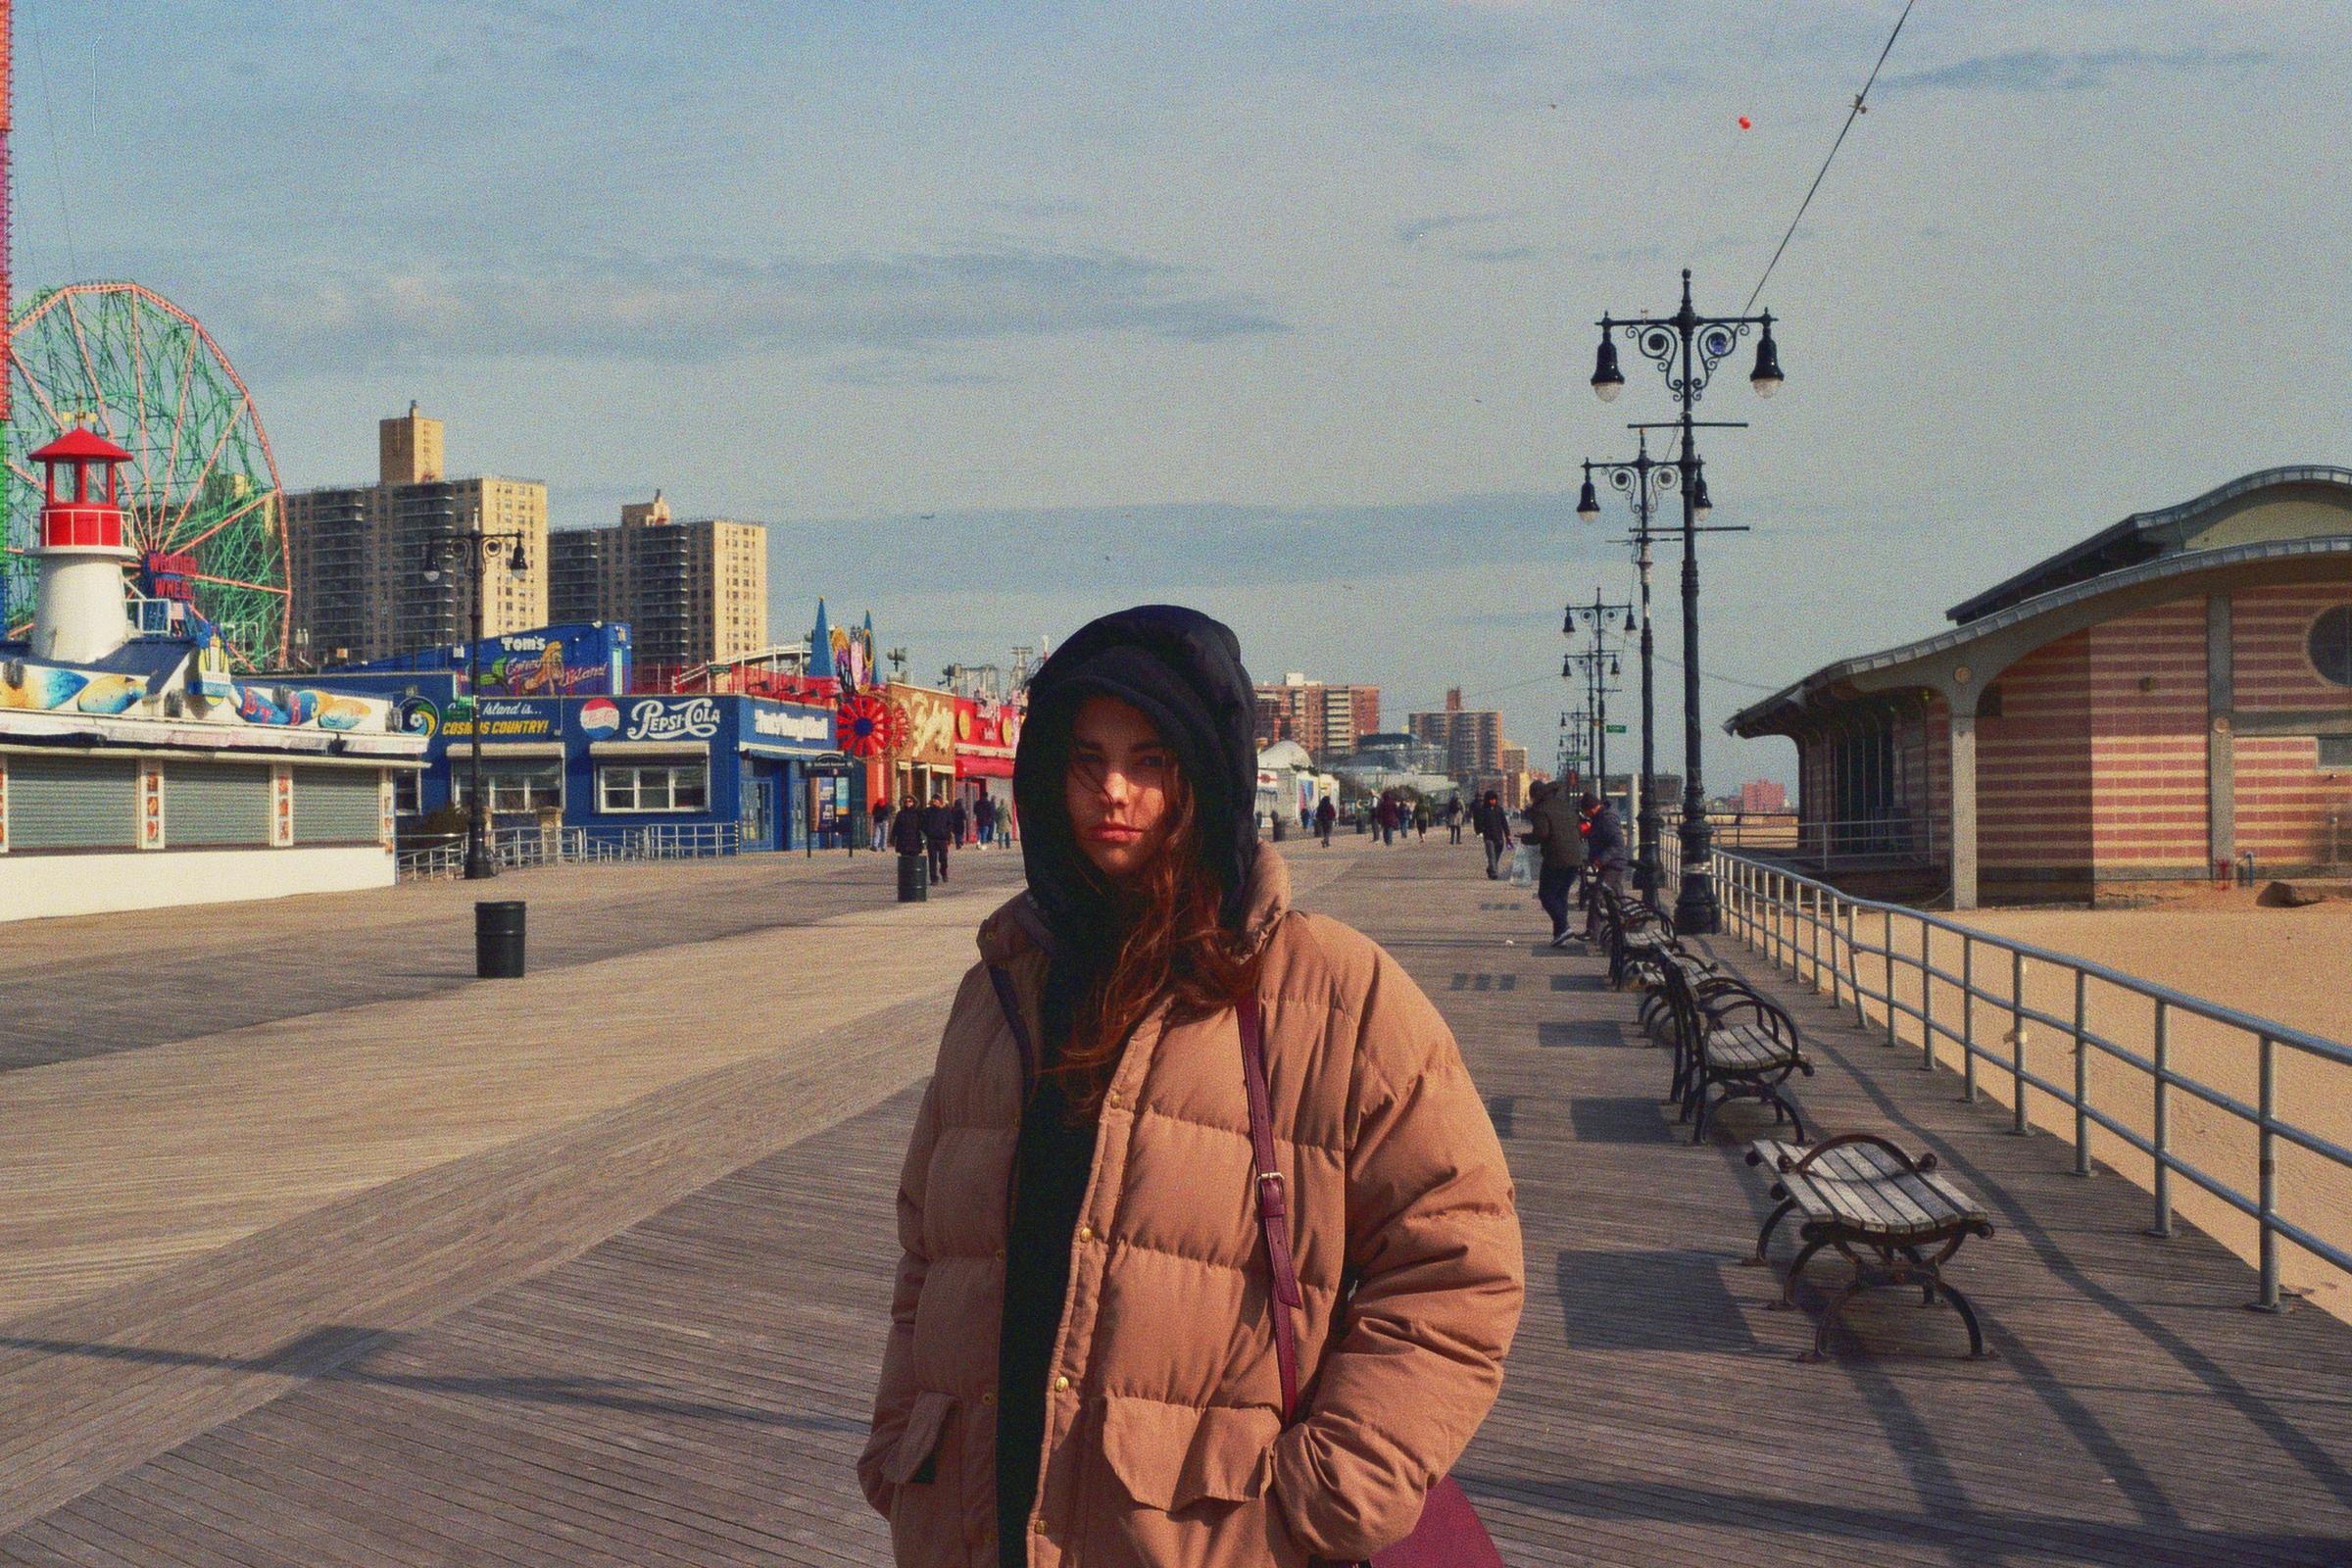 Standard beach attire for a January boardwalk stroll.  Kodak Ultra Max 400. Pentax K1000. Fletcher Berryman 2019.